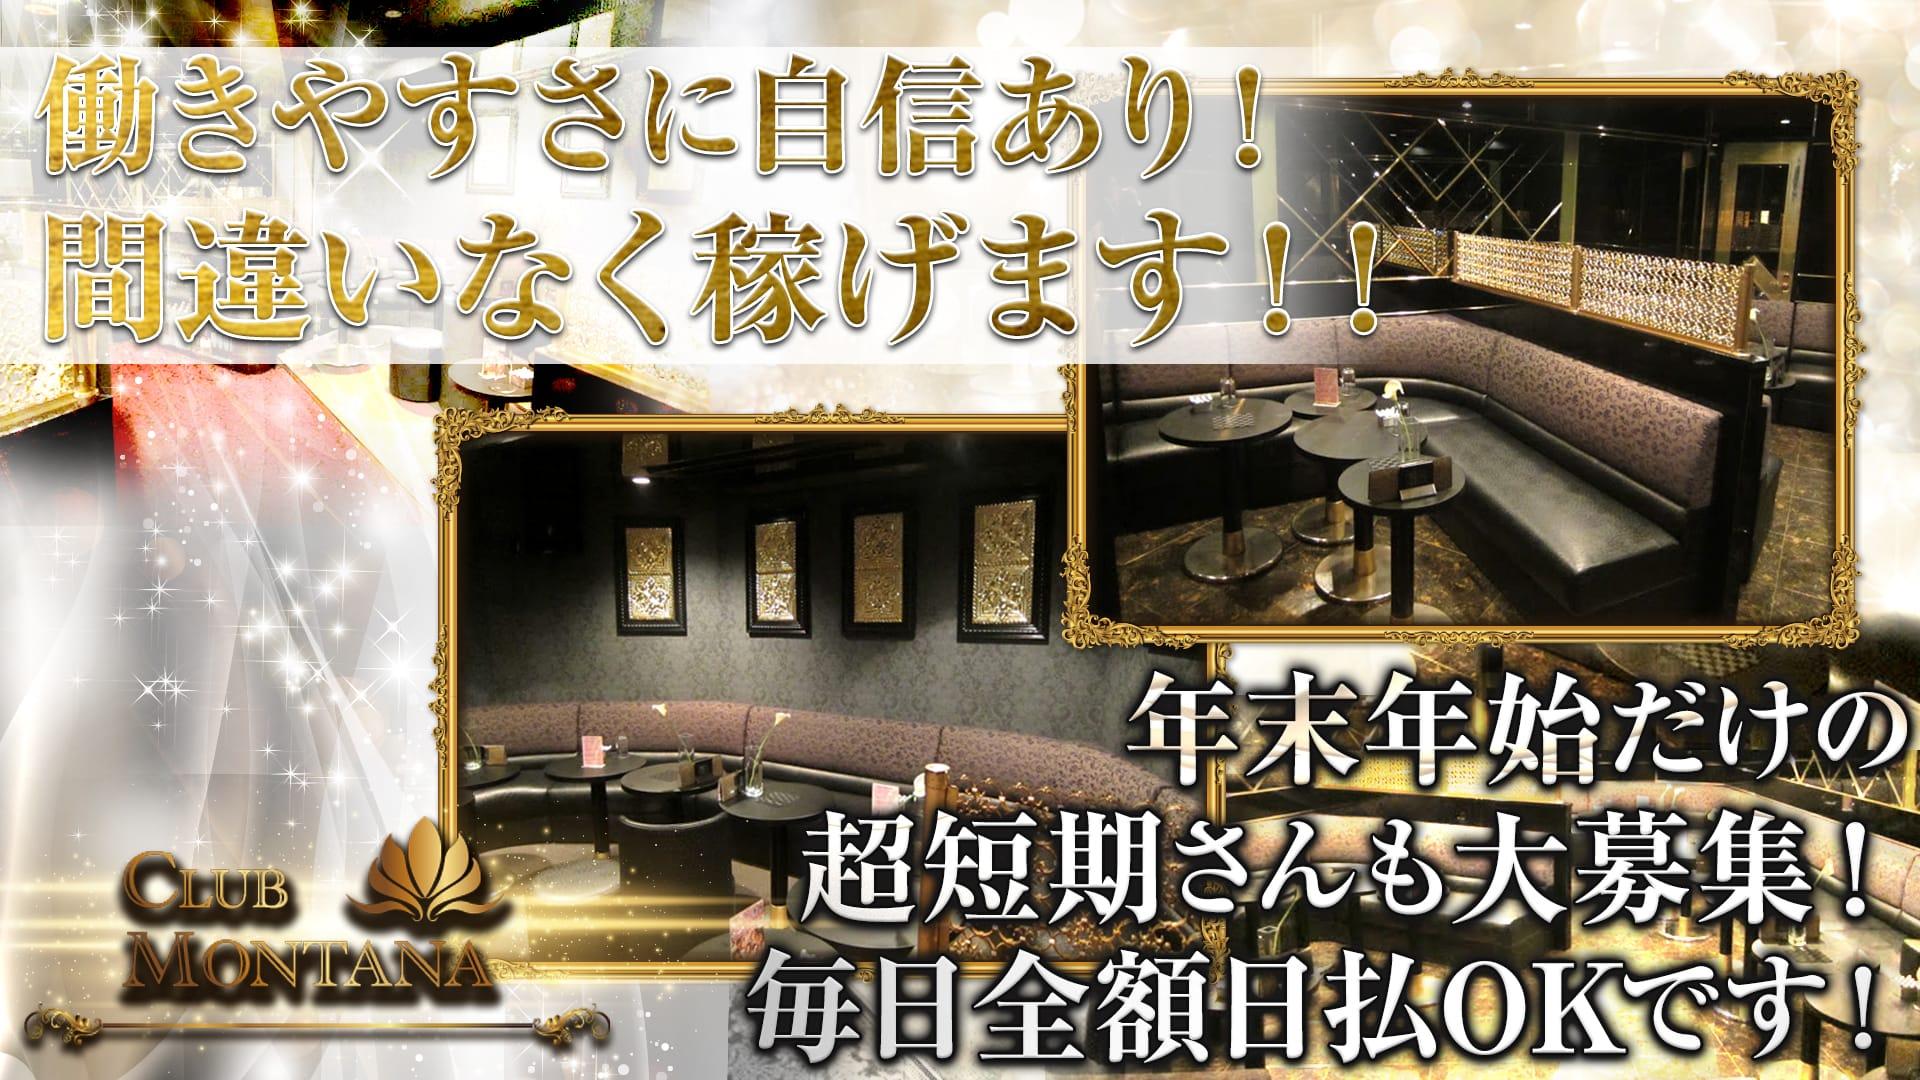 CLUB MONTANA(クラブ モンタナ) 津田沼キャバクラ TOP画像